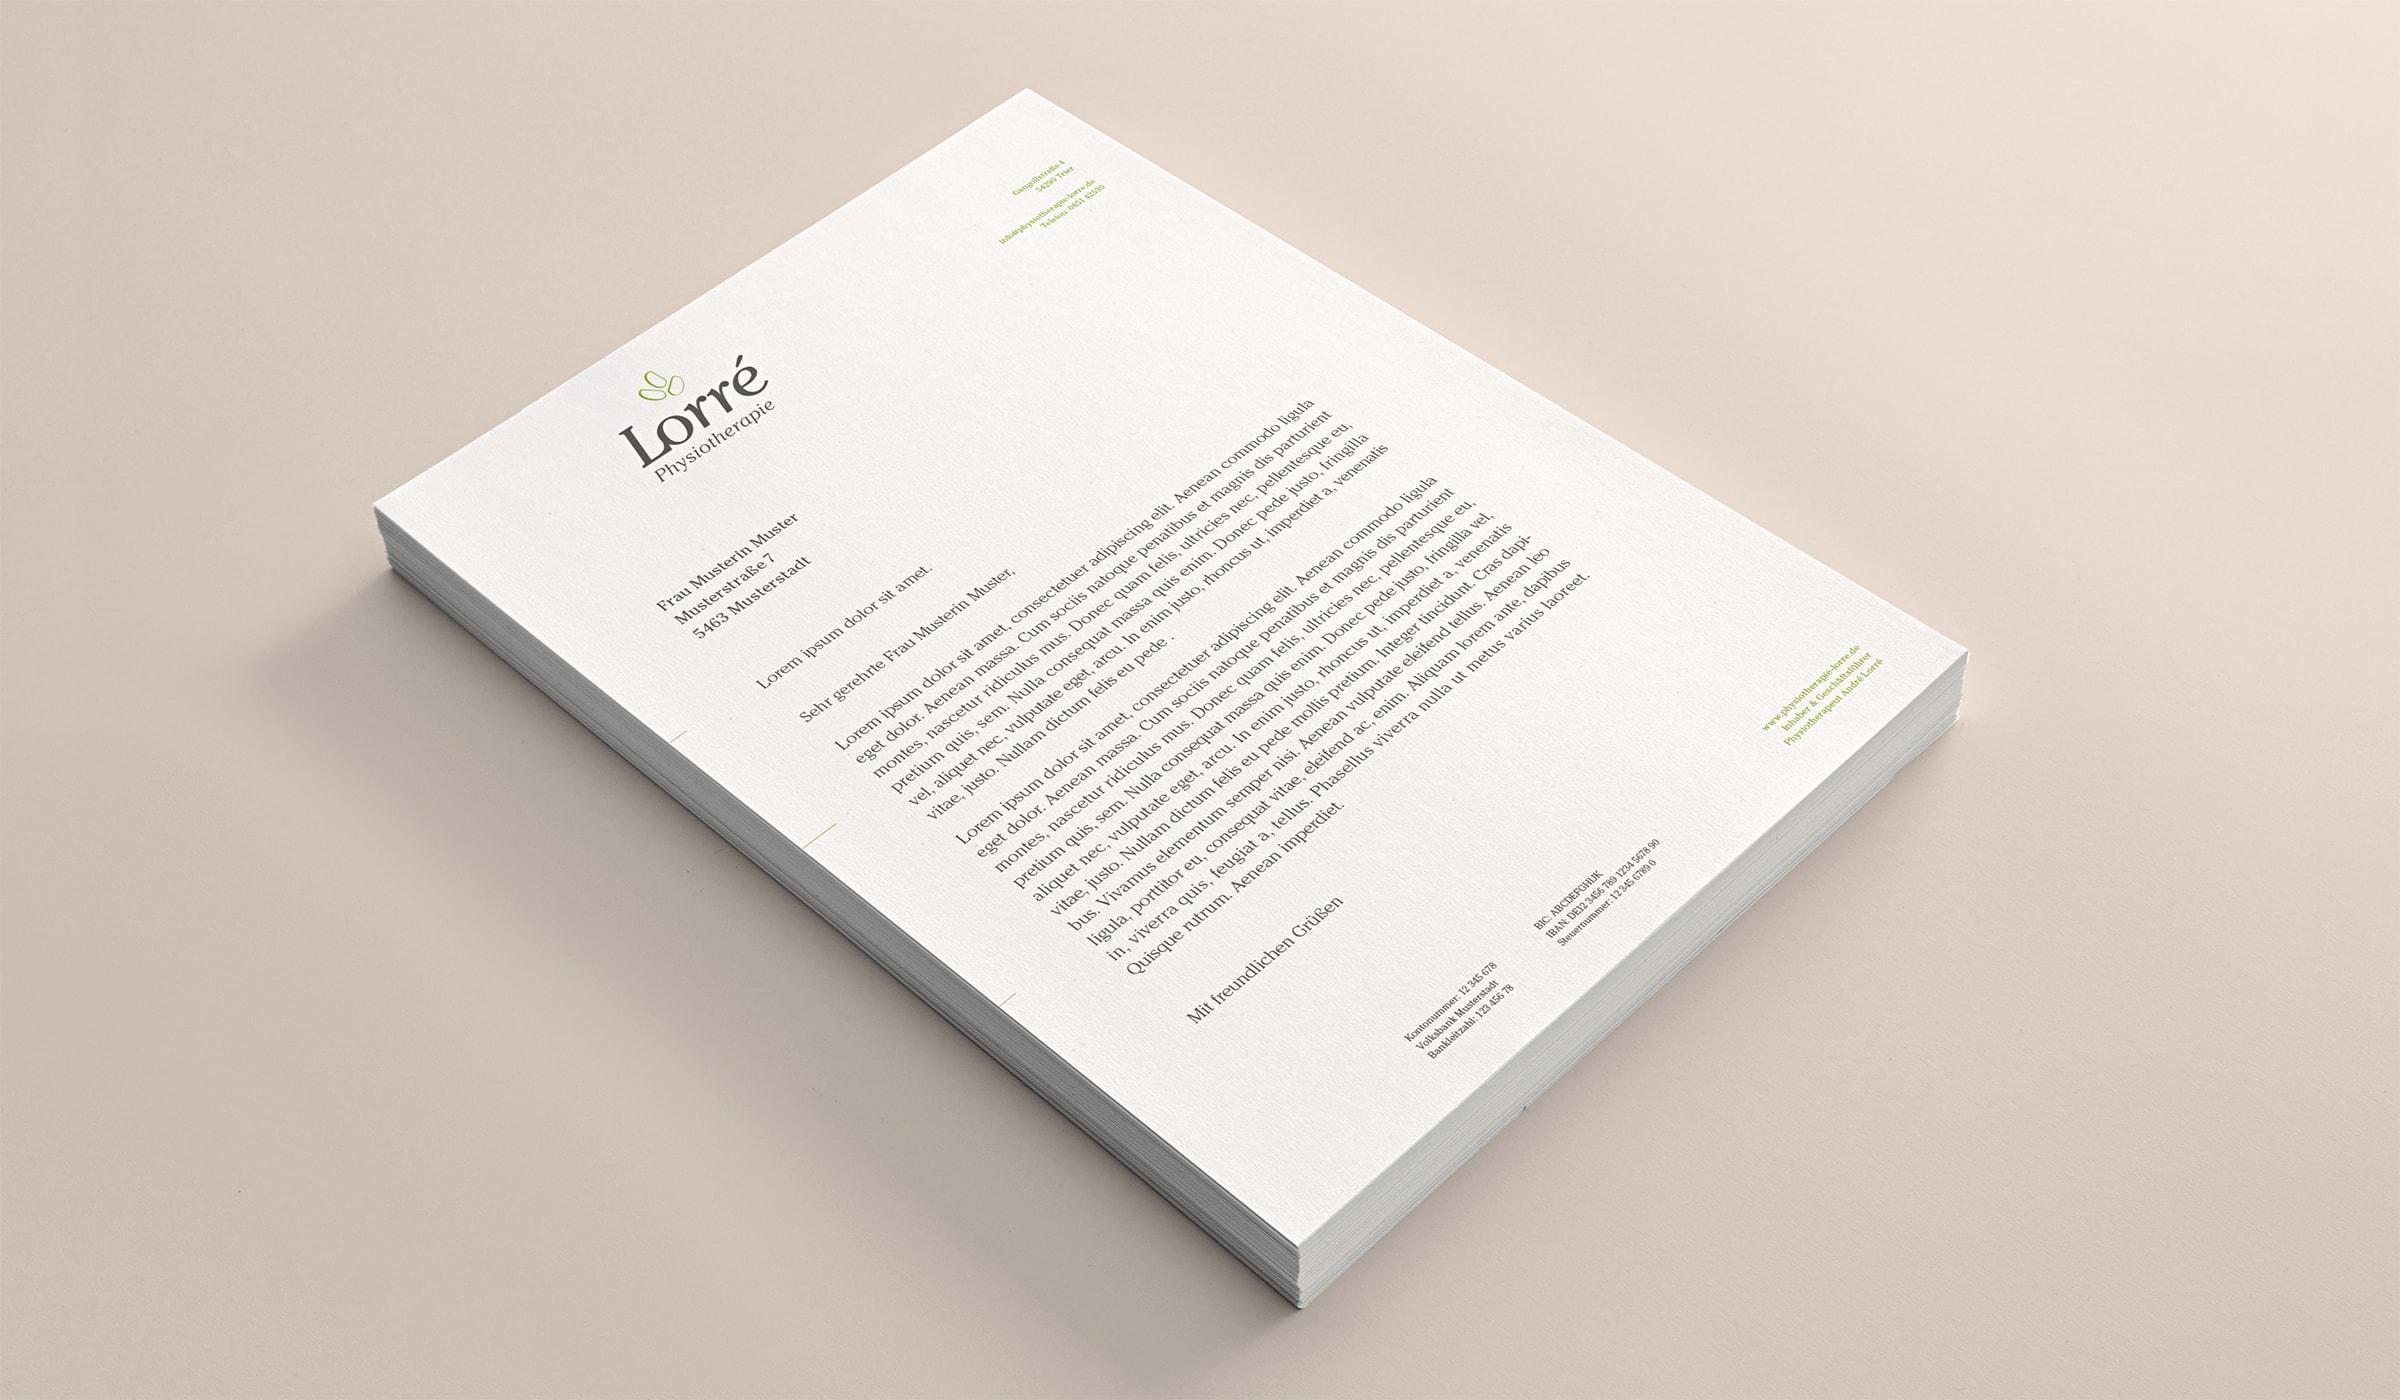 Das Corporate Design des Unternehmens-Erscheinungsbildes für eine Physiotherapie Praxis in Trier folgt einem durchdachten Designkonzept dessen Basis die Corporate Identity darstellt. Der Werbeauftritt wurde durch die Werbeagentur mieker - Konzept Design Strategie entwickelt. Der Erstentwurf des Printdesign Briefpapier zeigt sich in den definierten Corporate Farben und Fonts. Branding für die Branche Gesundheit. Das Designkonzept umfasst folgende Leistungen der Designagentur: Kommunikationsdesign, Grafikdesign, Logodesign, Corporate Design, Werbemittel und Werbung. Regionen: Trier, Wittlich, Hermeskeil, Luxemburg, Koblenz